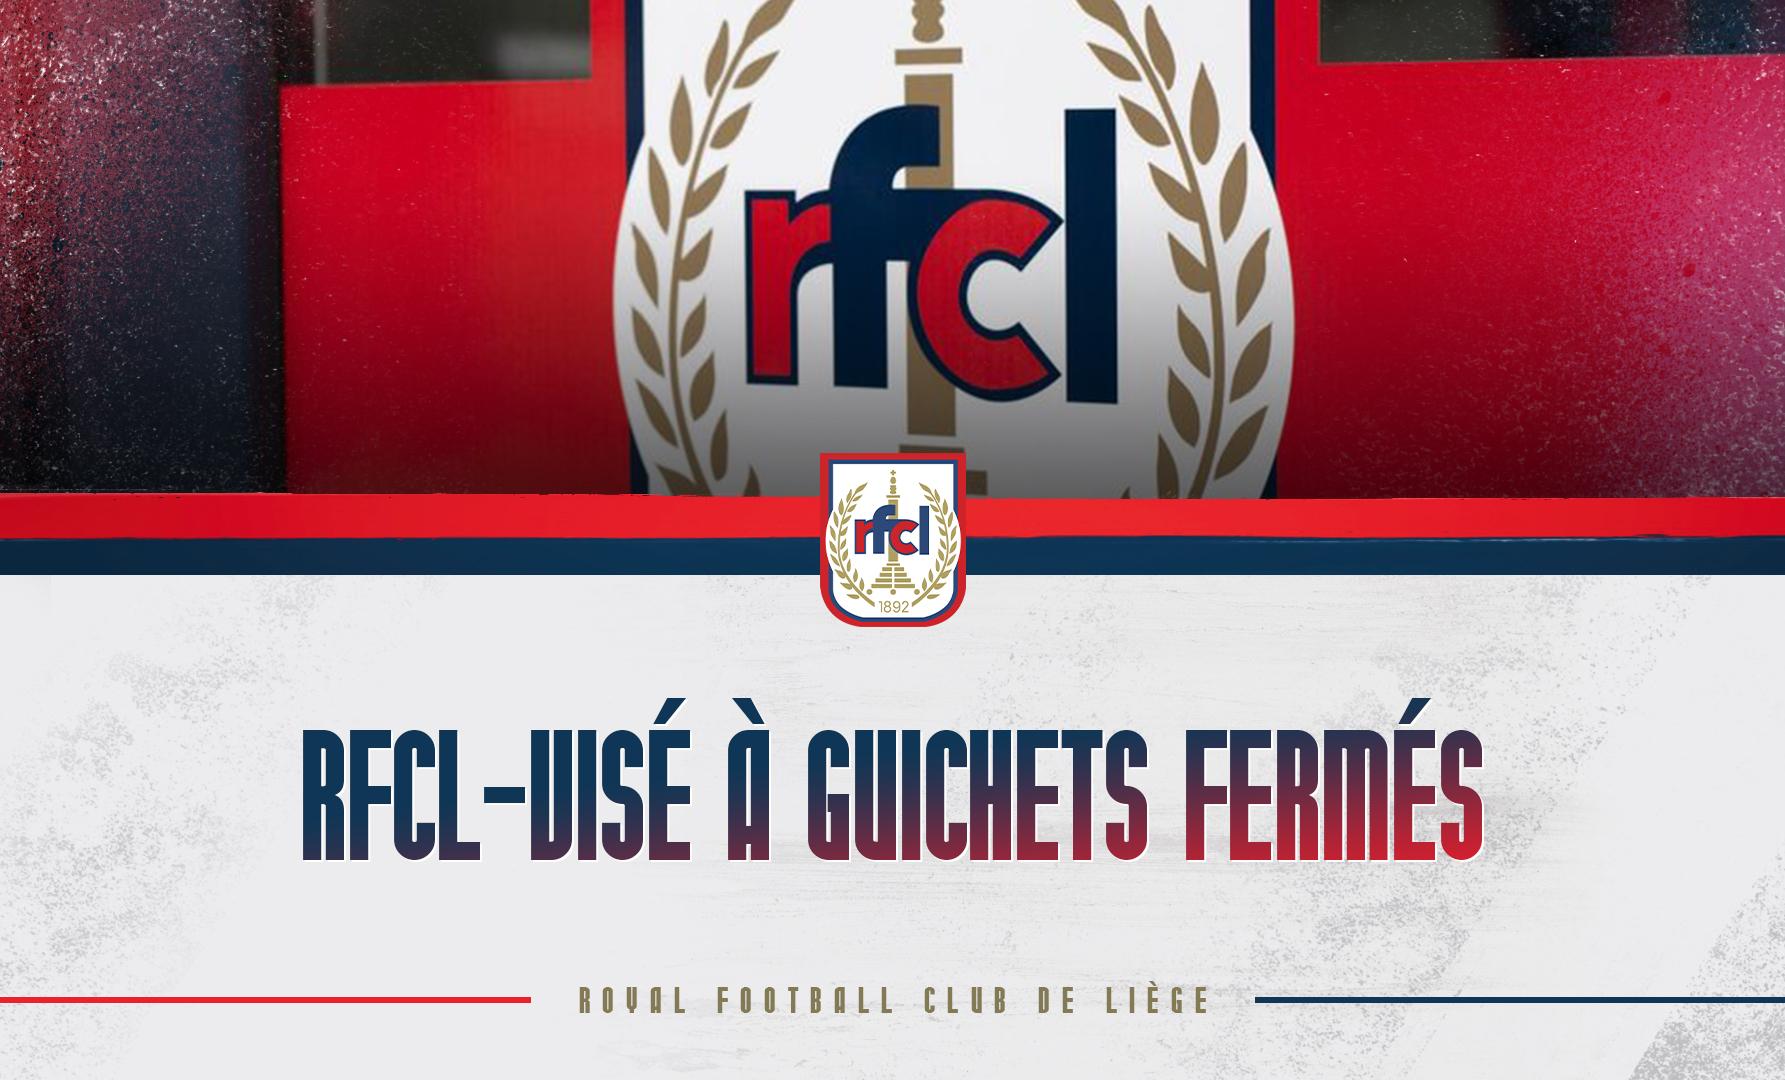 RFCL-Visé   Match à guichets fermés